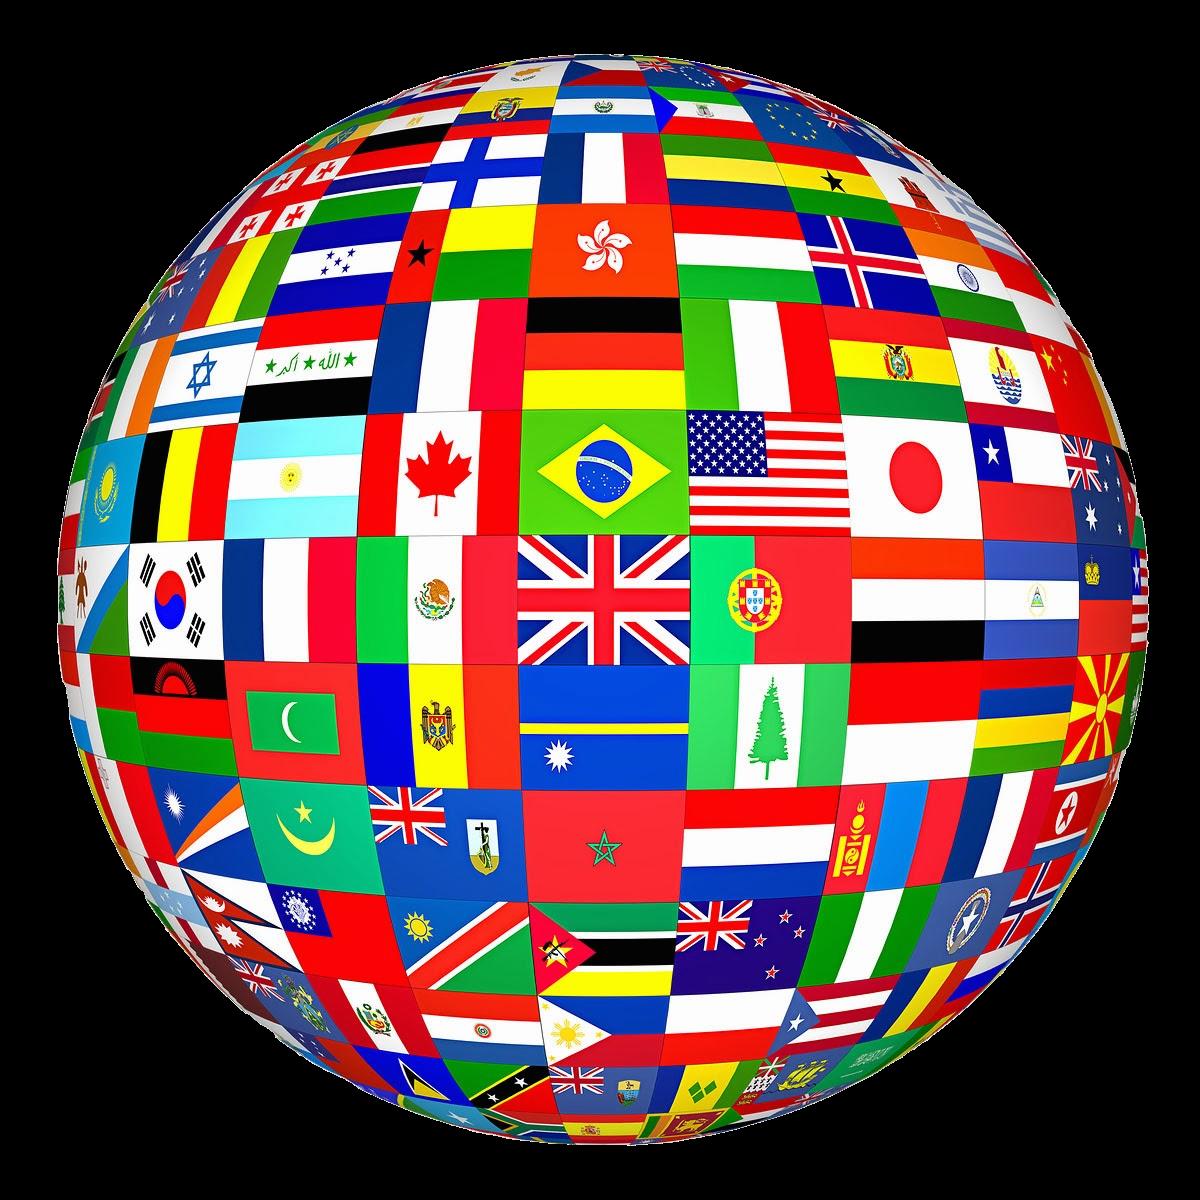 Global Leadership - Wikipedia